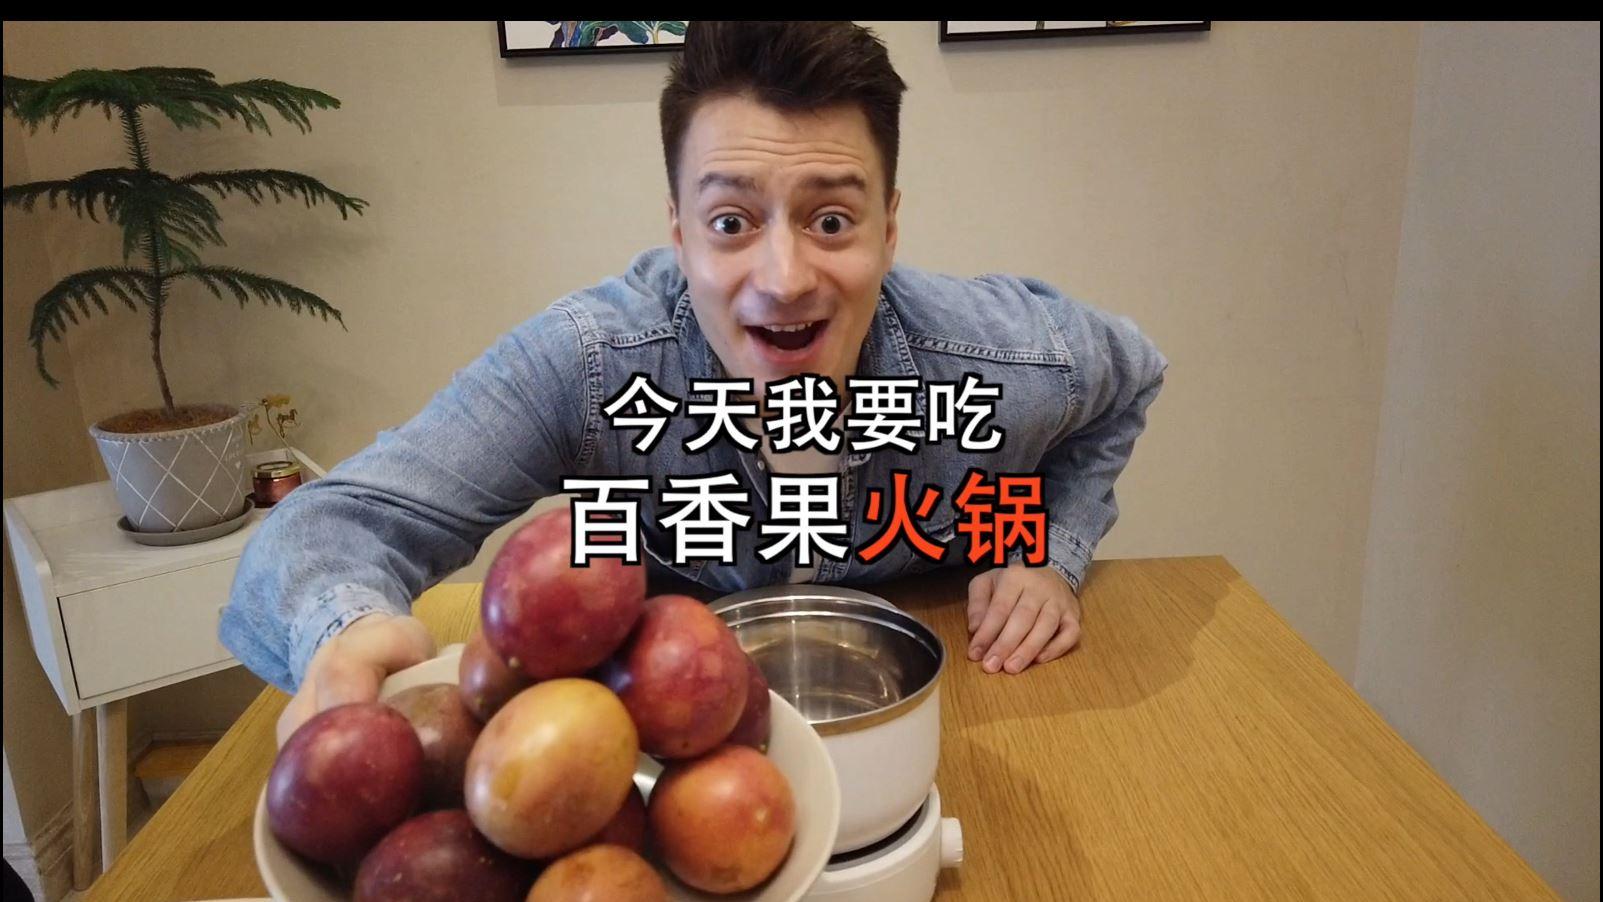 【伏拉夫1080P蓝光吃播】伏拉夫百香果火锅超清宽屏典藏版